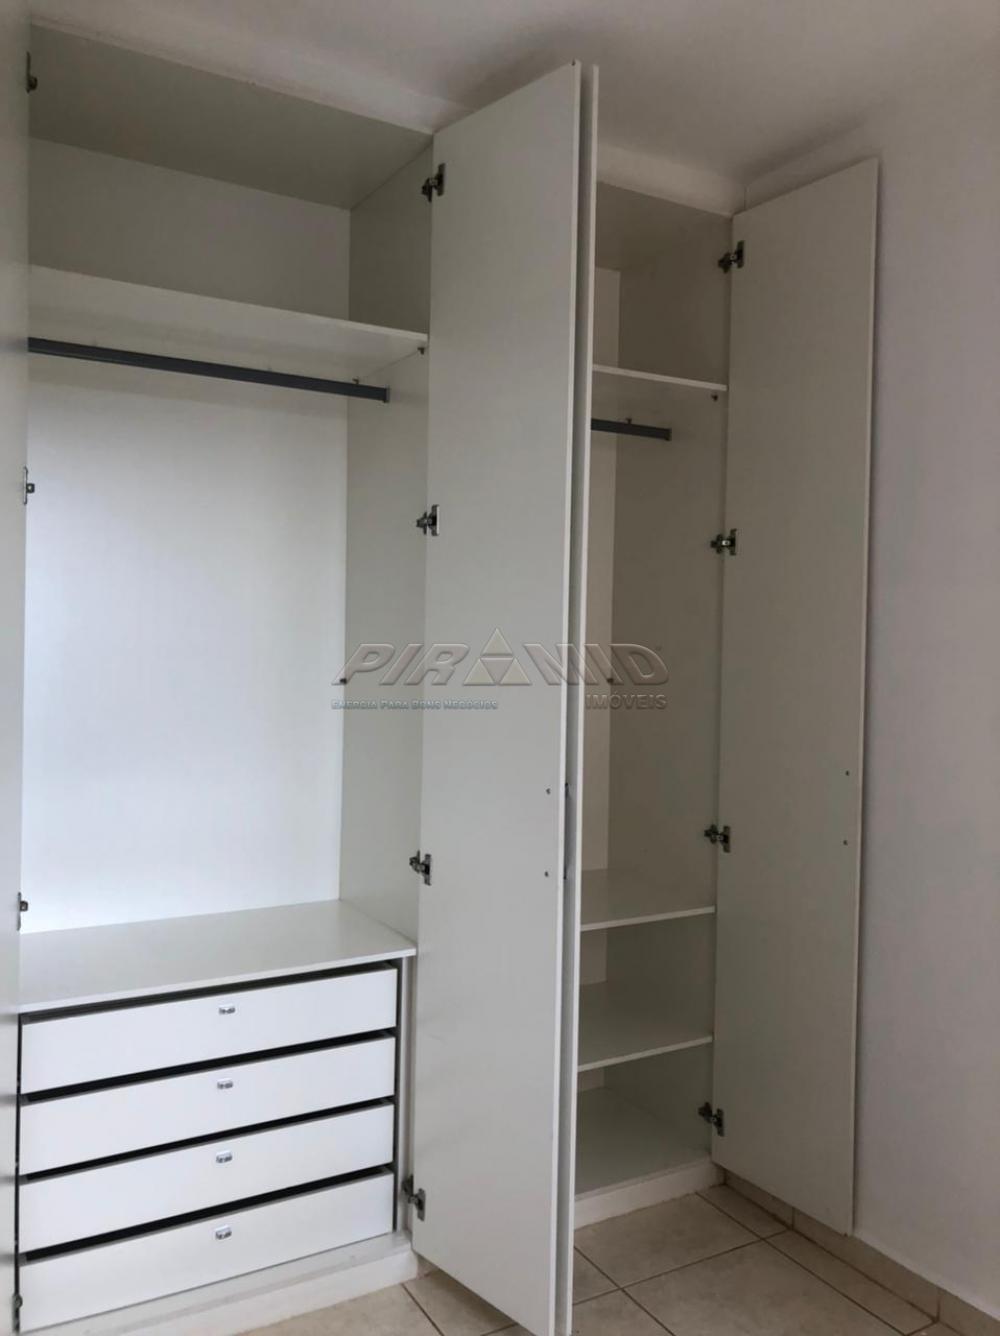 Comprar Apartamento / Padrão em Ribeirão Preto R$ 195.000,00 - Foto 13